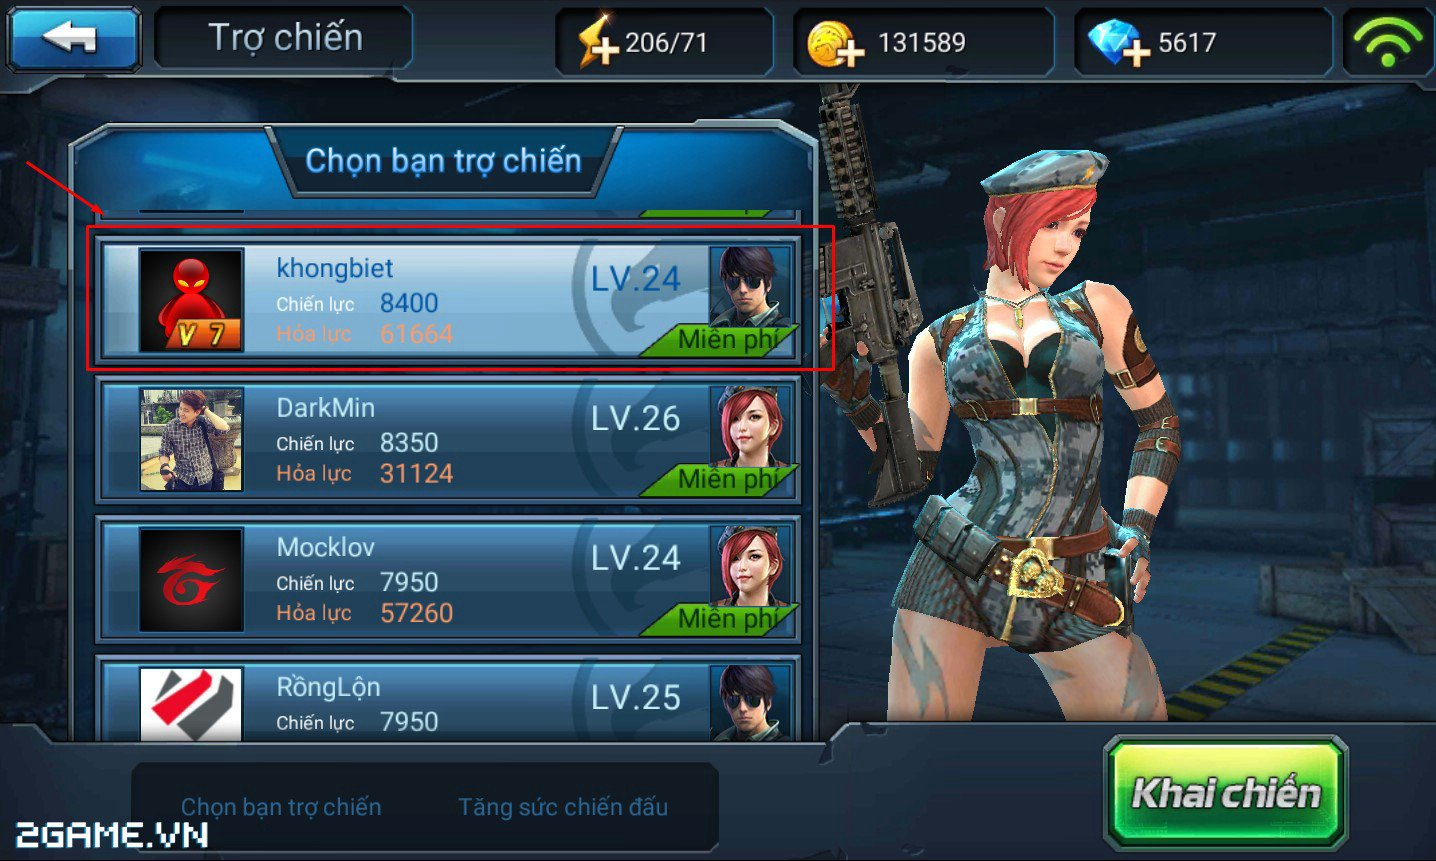 Bất ngờ tặng quà tri ân cho toàn bộ người chơi, Garena đang muốn thâu tóm thị trường game mobile? 1